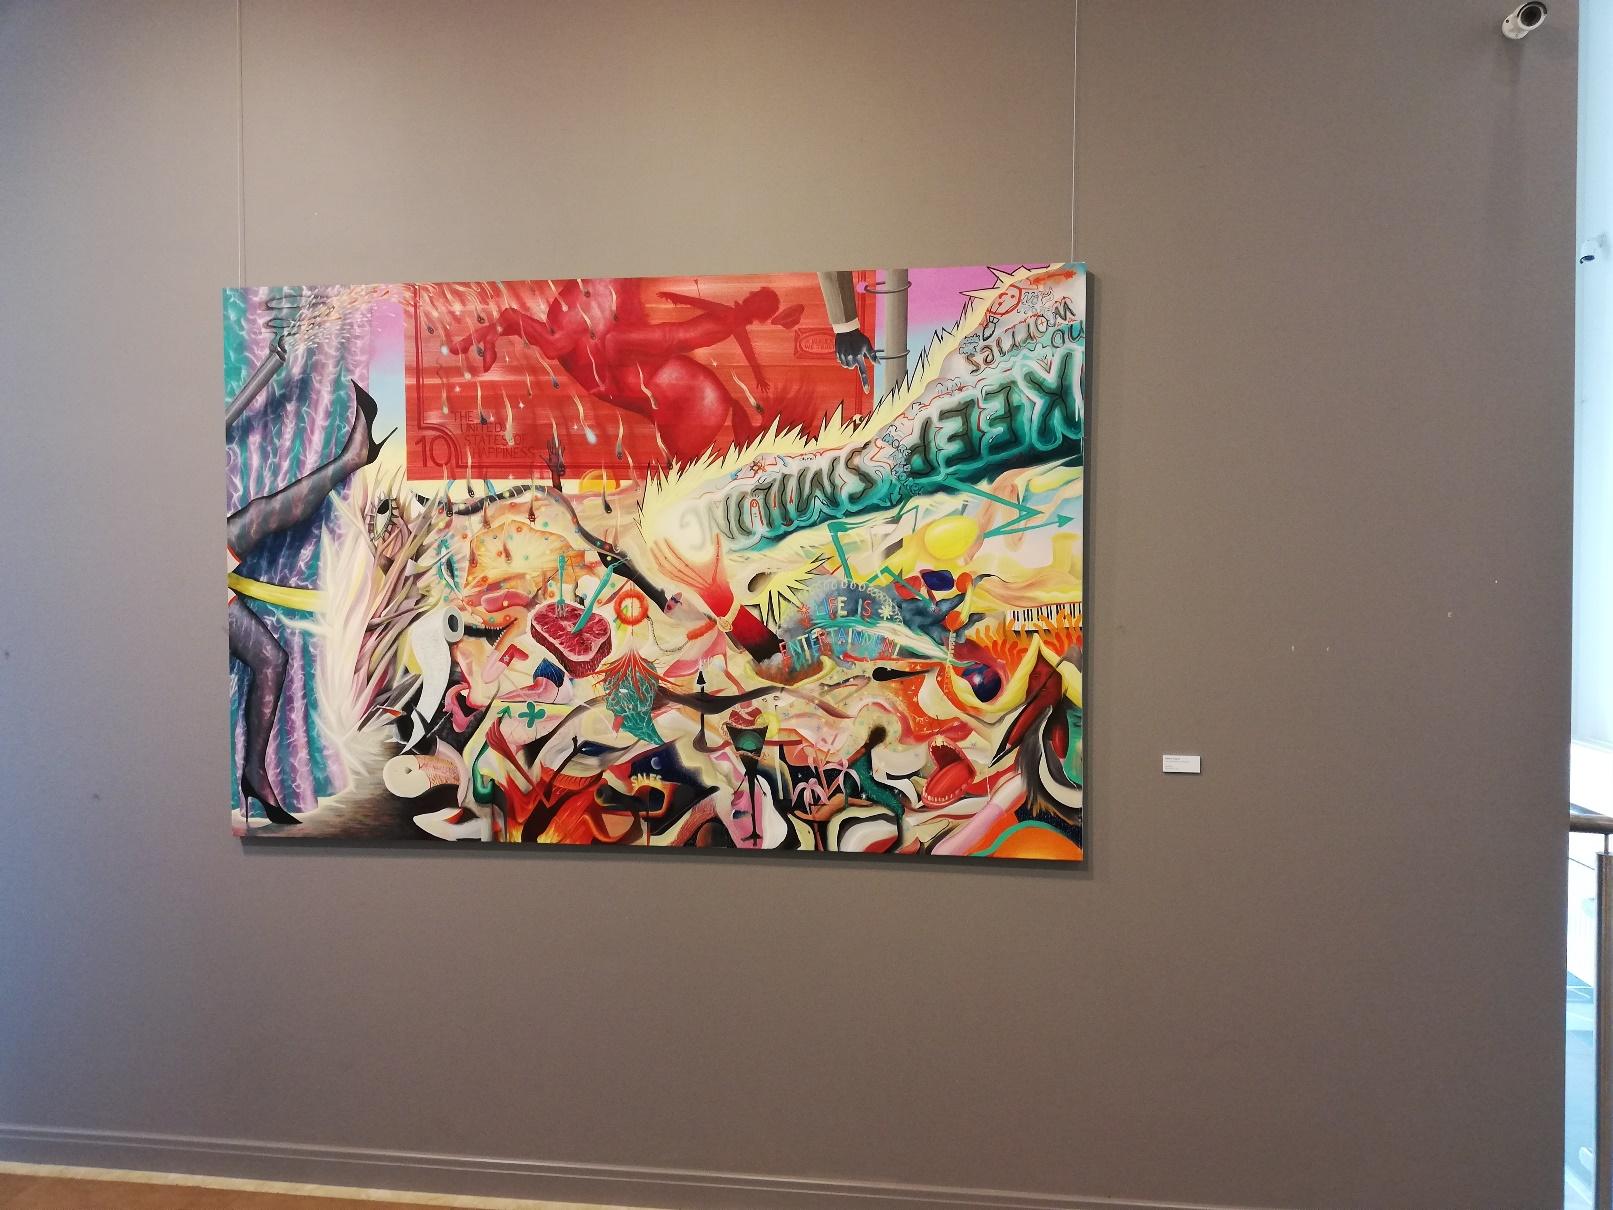 Z wystawy What I Want - Kolekcja Nocny Art Patrol w Muzeum im. Bolesława Biegasa